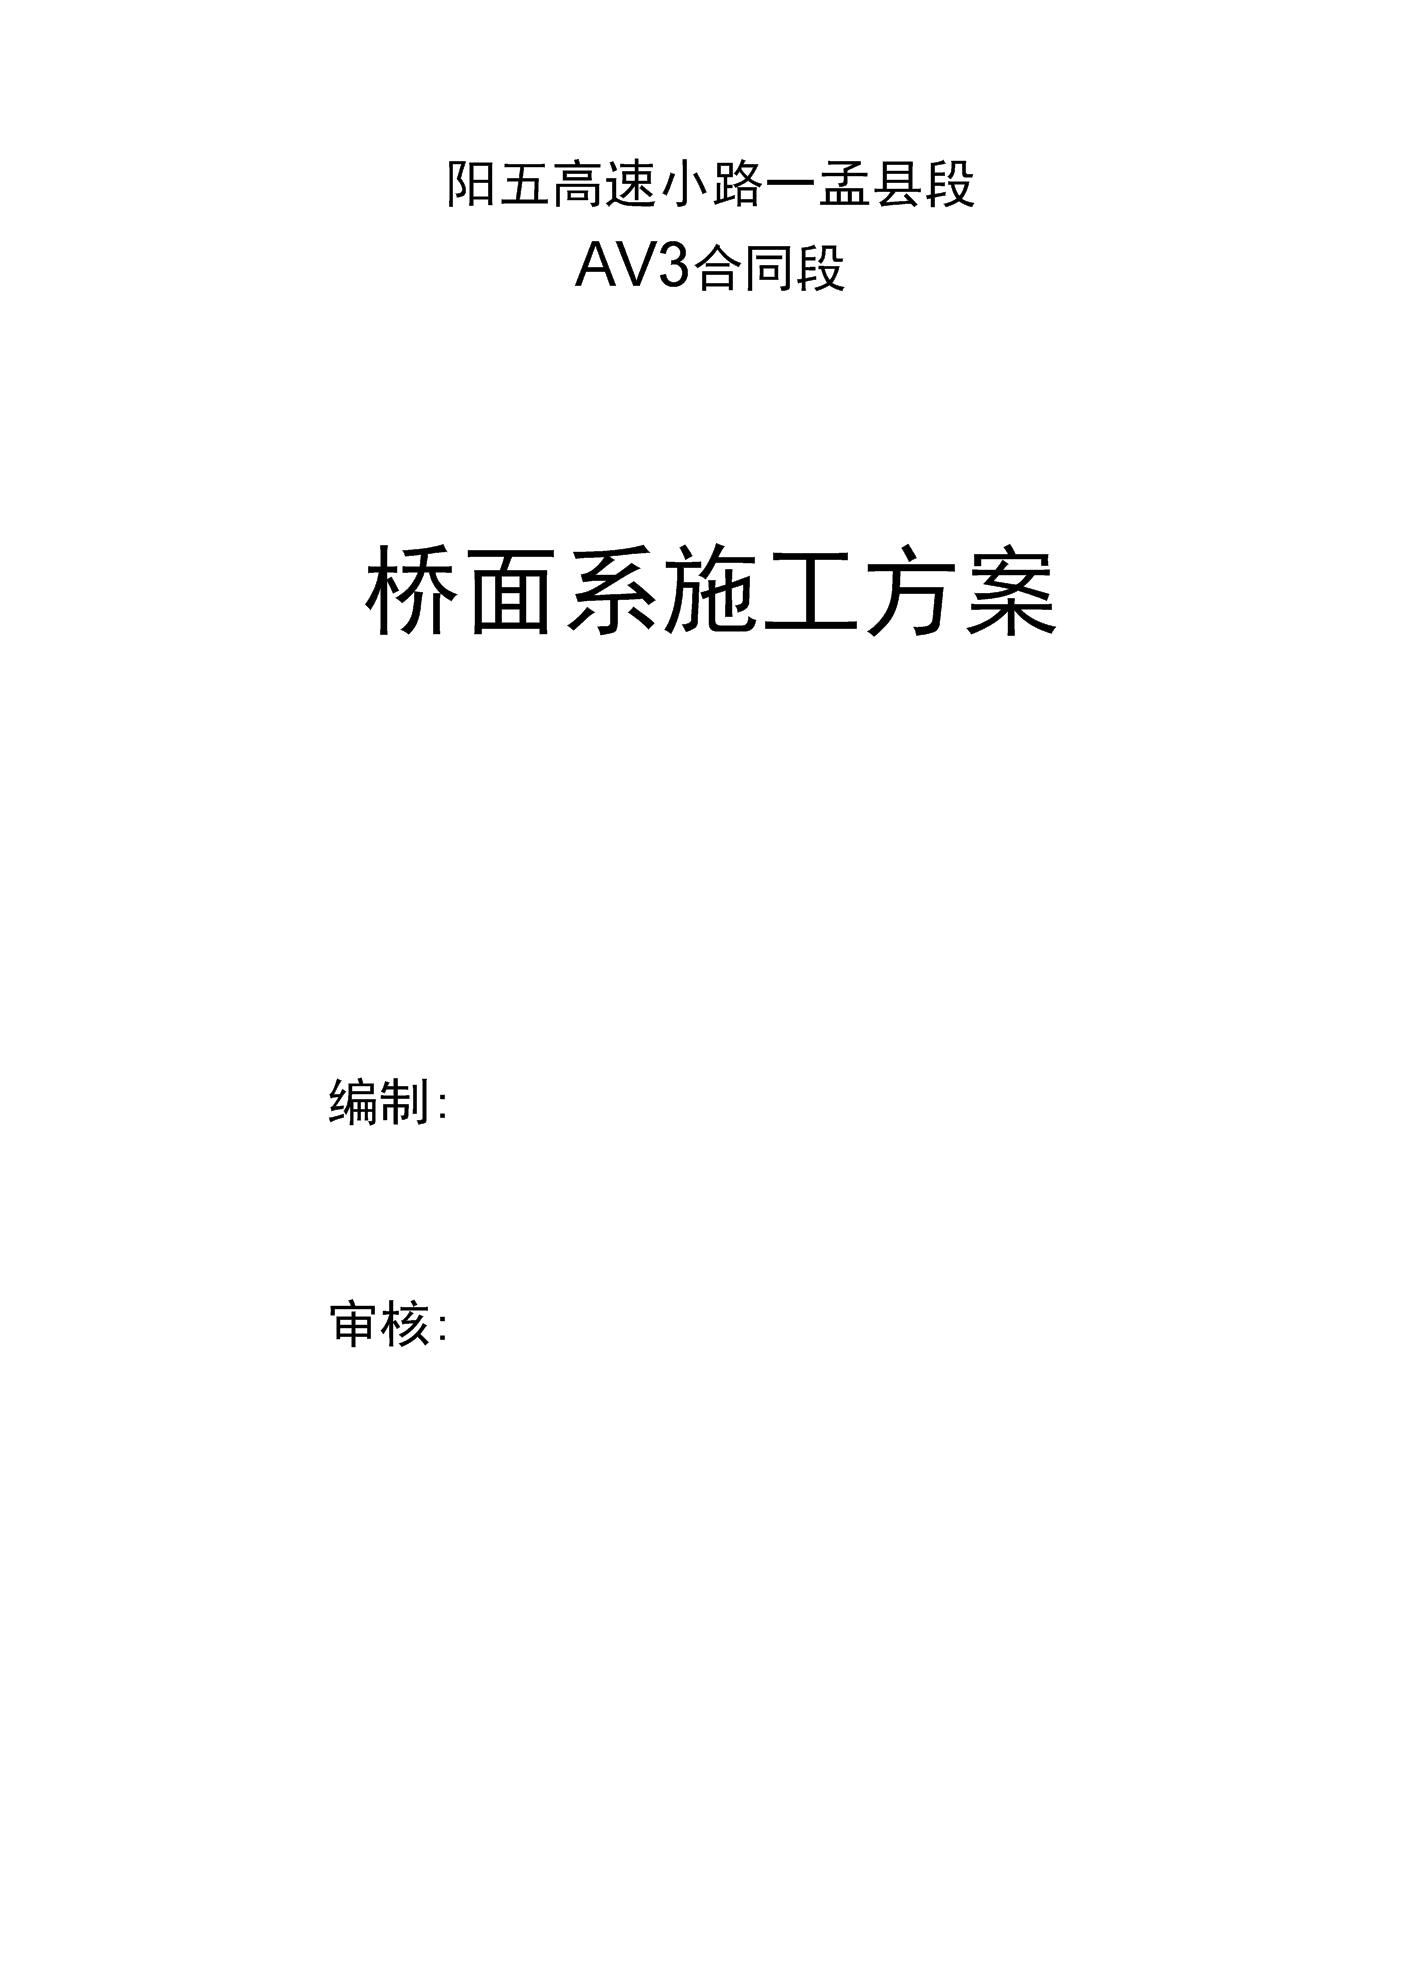 桥面系工程施工组织设计方案.docx